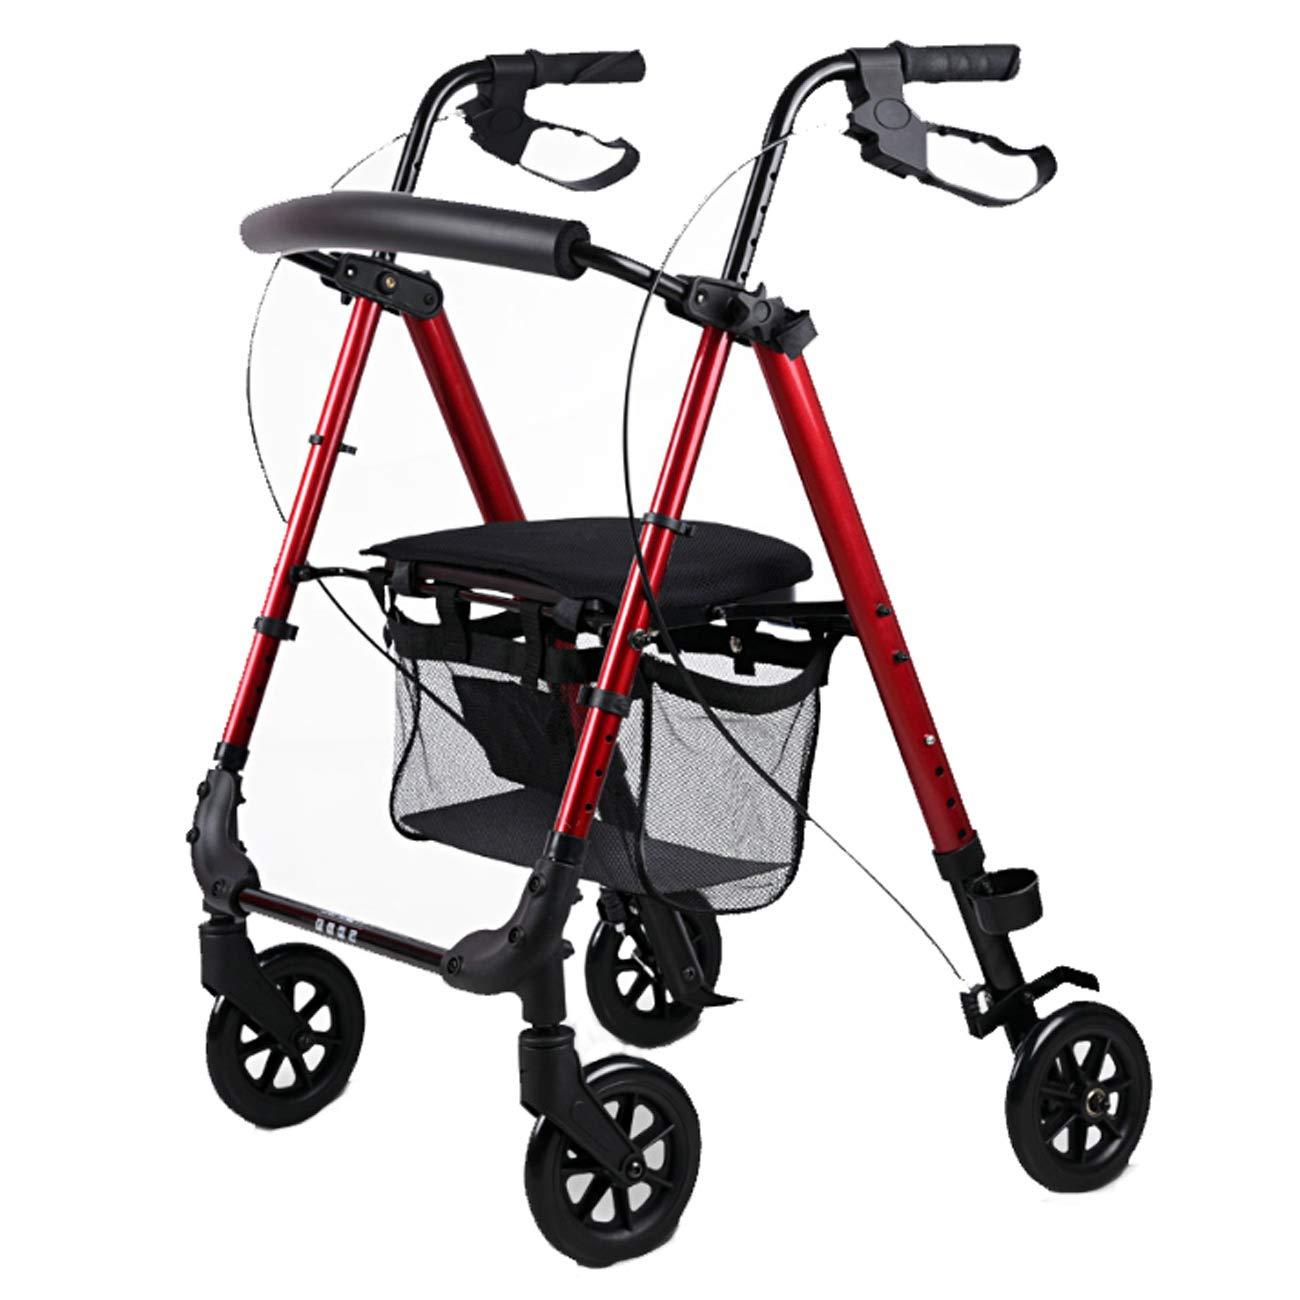 【訳あり】 高齢者の歩行者、4輪バスケット補助歩行器を運ぶ、ウォーキングウォーキングウォーキングウォーキングを折る Red、多色オプション : (色 : Red) B07L94GT2J Red B07L94GT2J, 県南中央青果:6ed7197d --- a0267596.xsph.ru